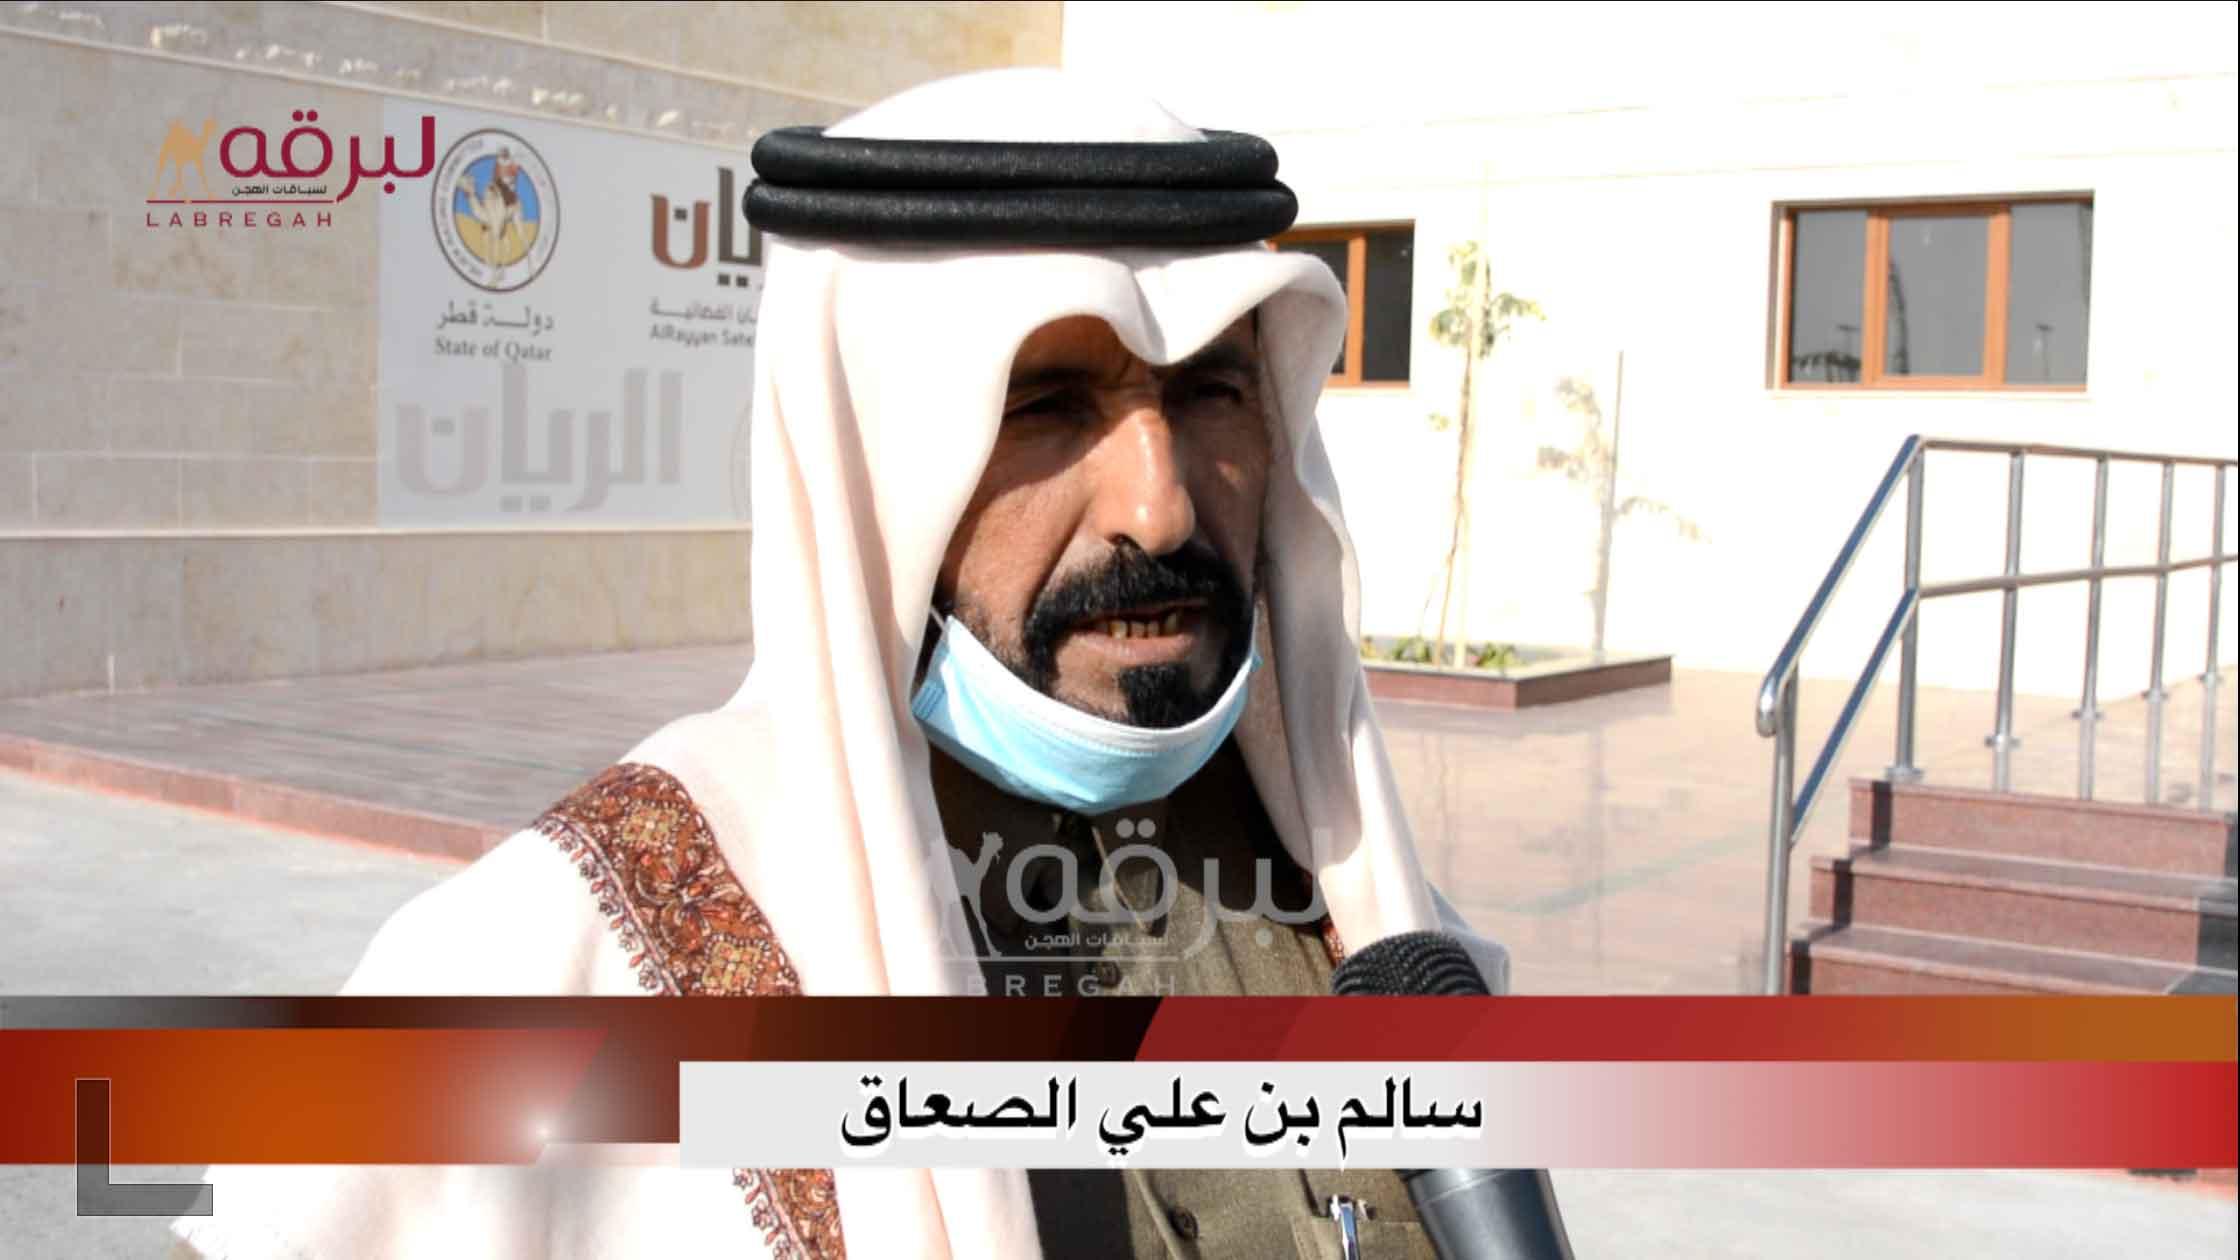 لقاء مع سالم بن علي الصعاق.. الشلفة الفضية لقايا بكار « إنتاج » الأشواط العامة  ١٩-١-٢٠٢١